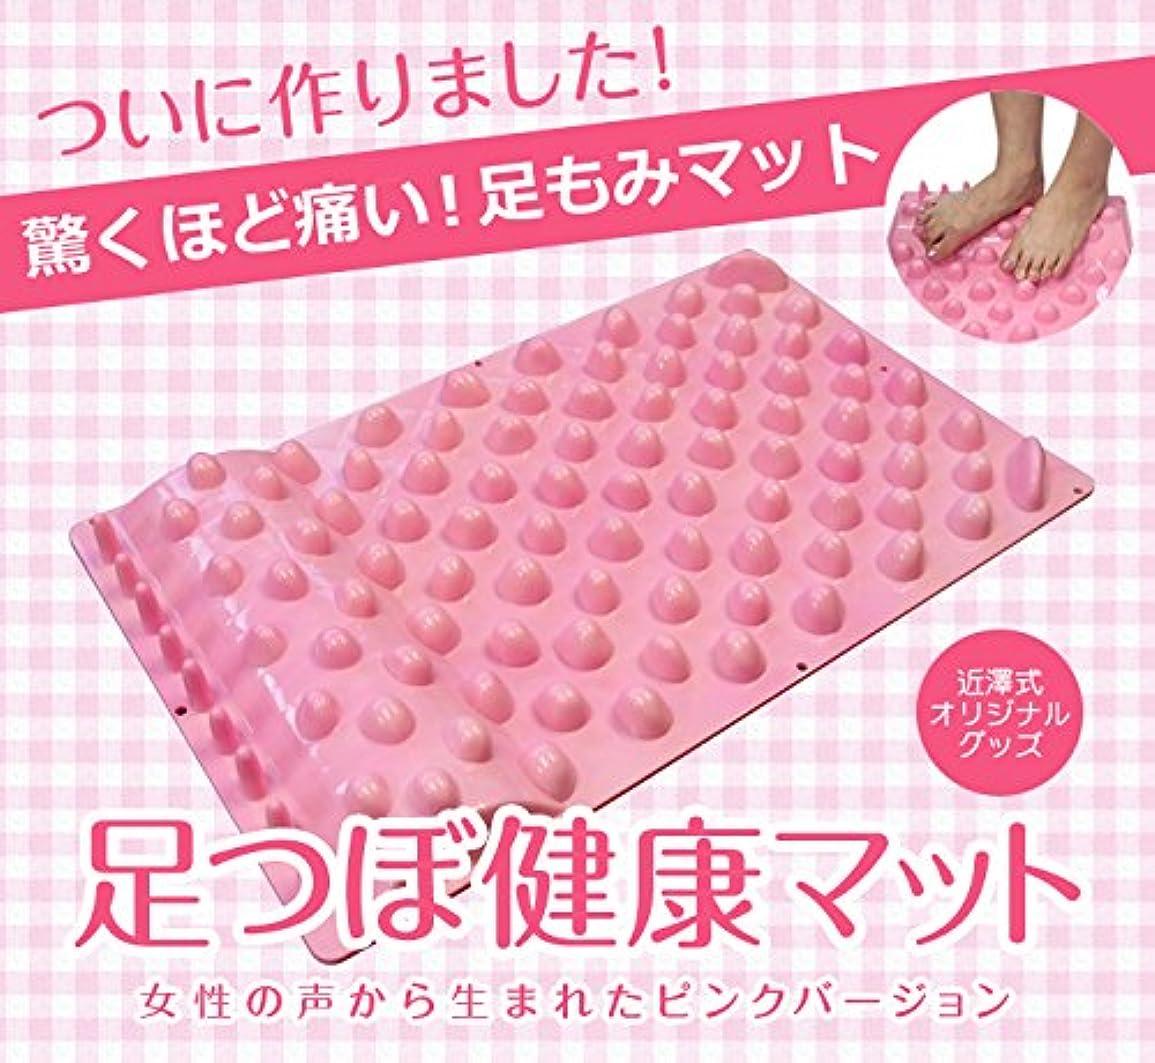 踏みつけヘビサーキュレーション【近澤式】足つぼマット ピンク